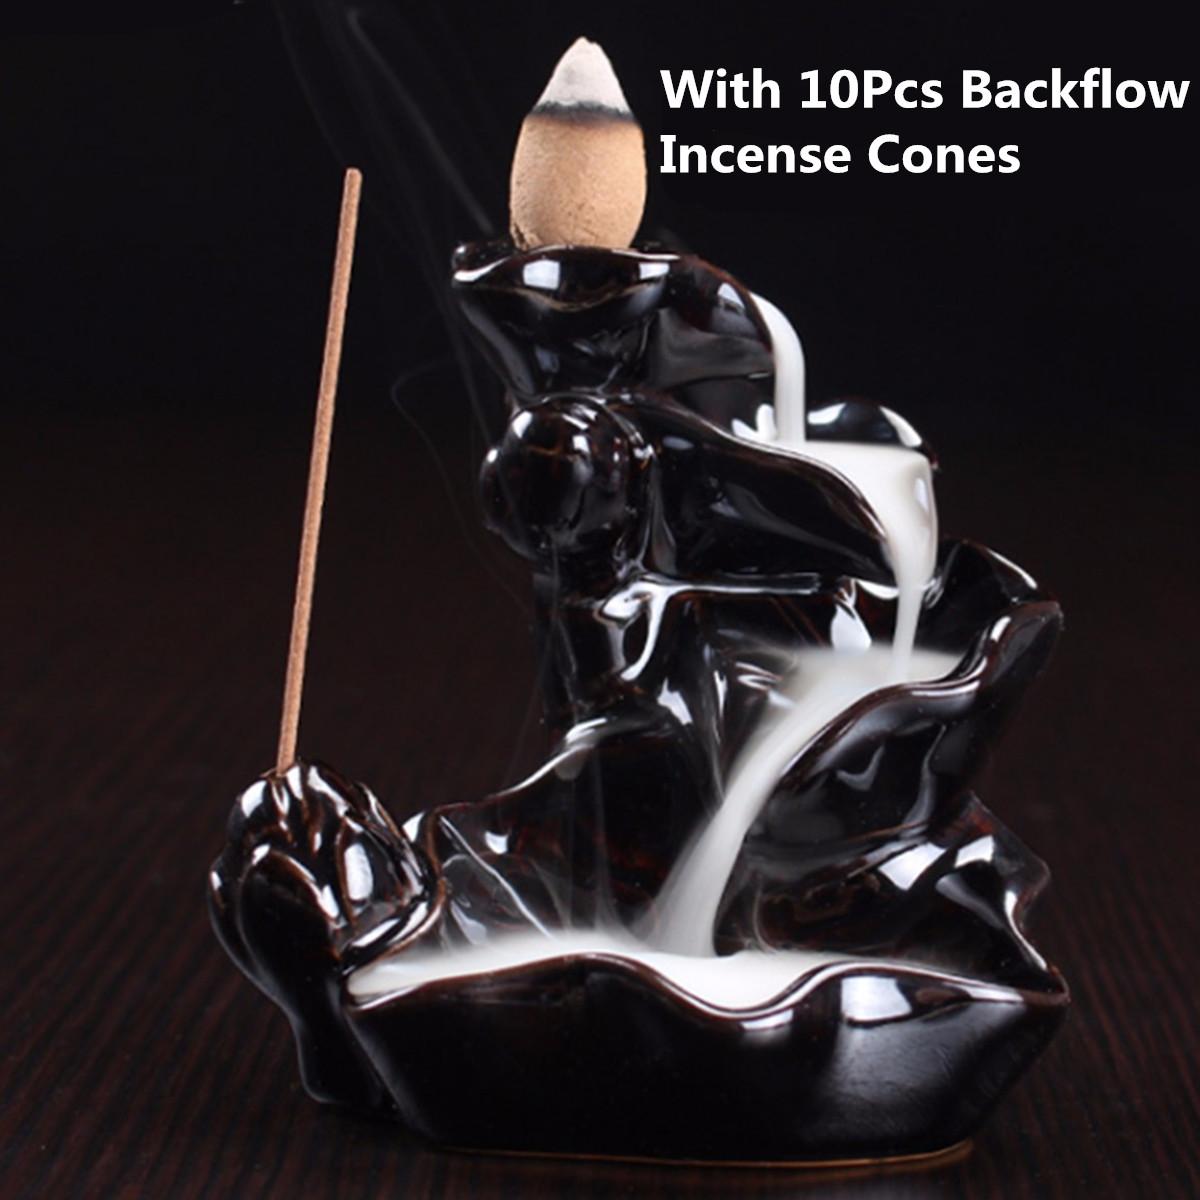 Sandalwood Cones Backflow Censer Craft  Incense Burner Holder Decor Home